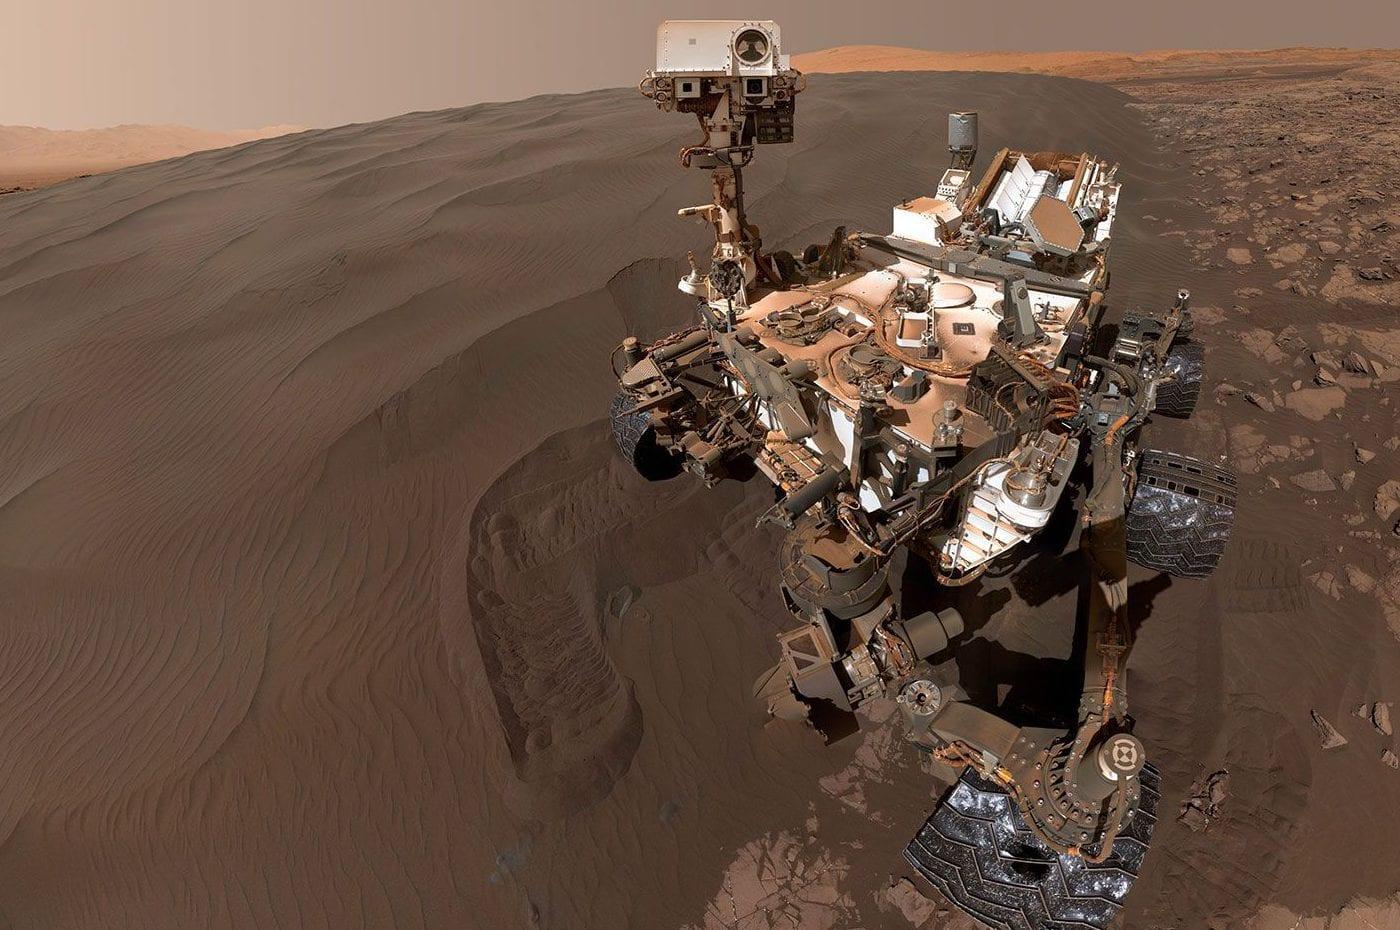 VOUS POUVEZ AIDER À LA NASA À EN APPRENDRE PLUS SUR LA SURFACE DE MARS